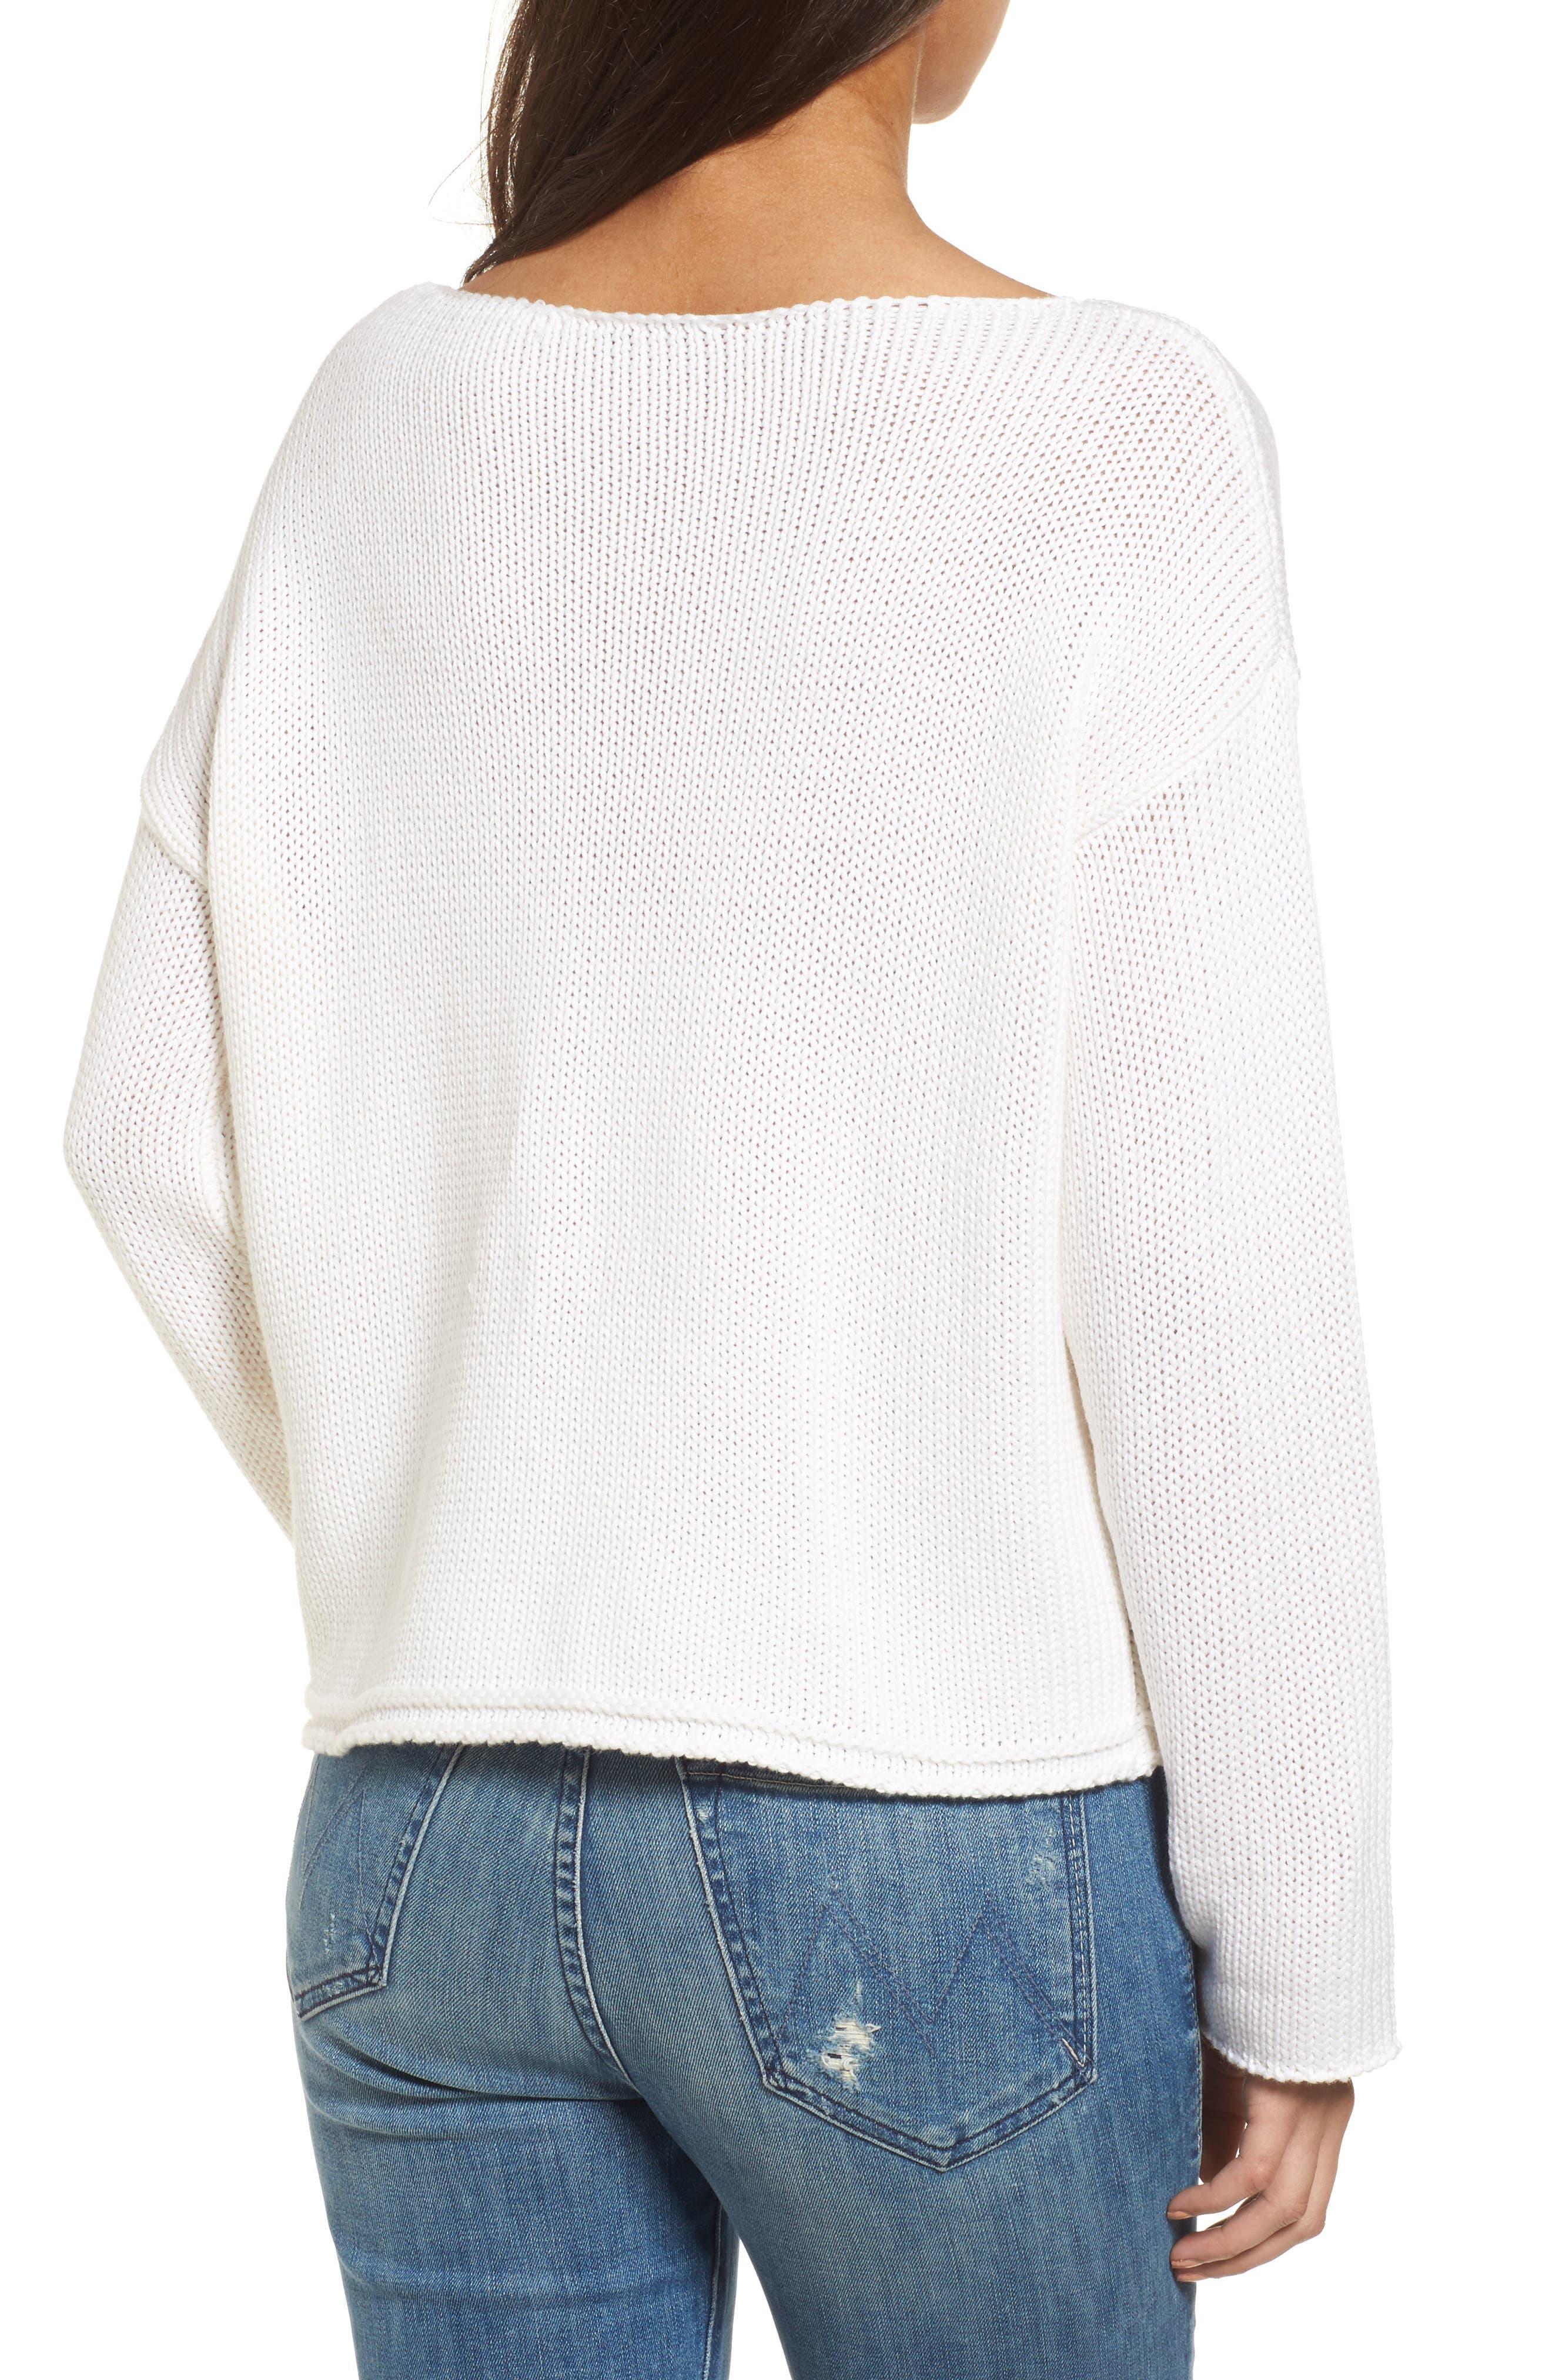 Kalani Star Sweater,                             Alternate thumbnail 2, color,